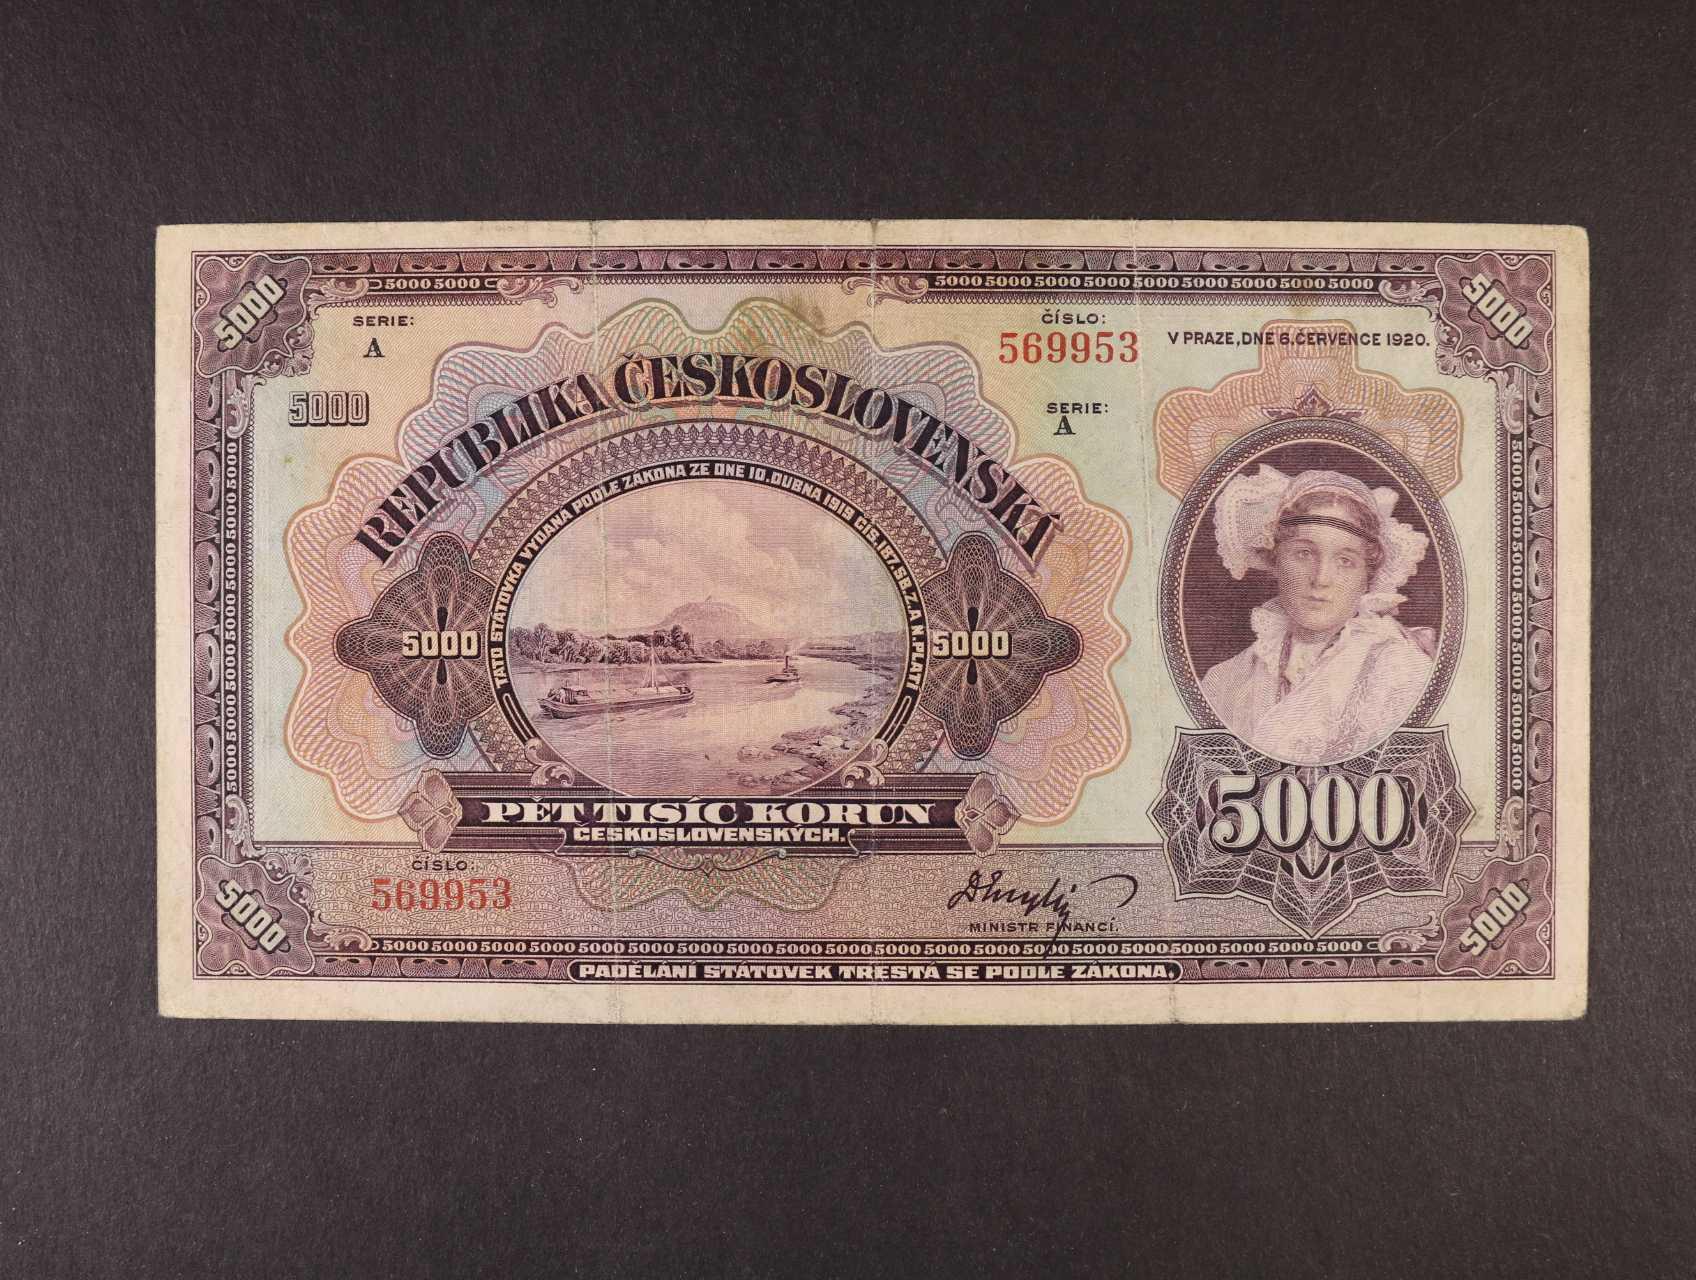 5000 Kč 6.7.1920 série A, Ba. 17a, Pi. 19